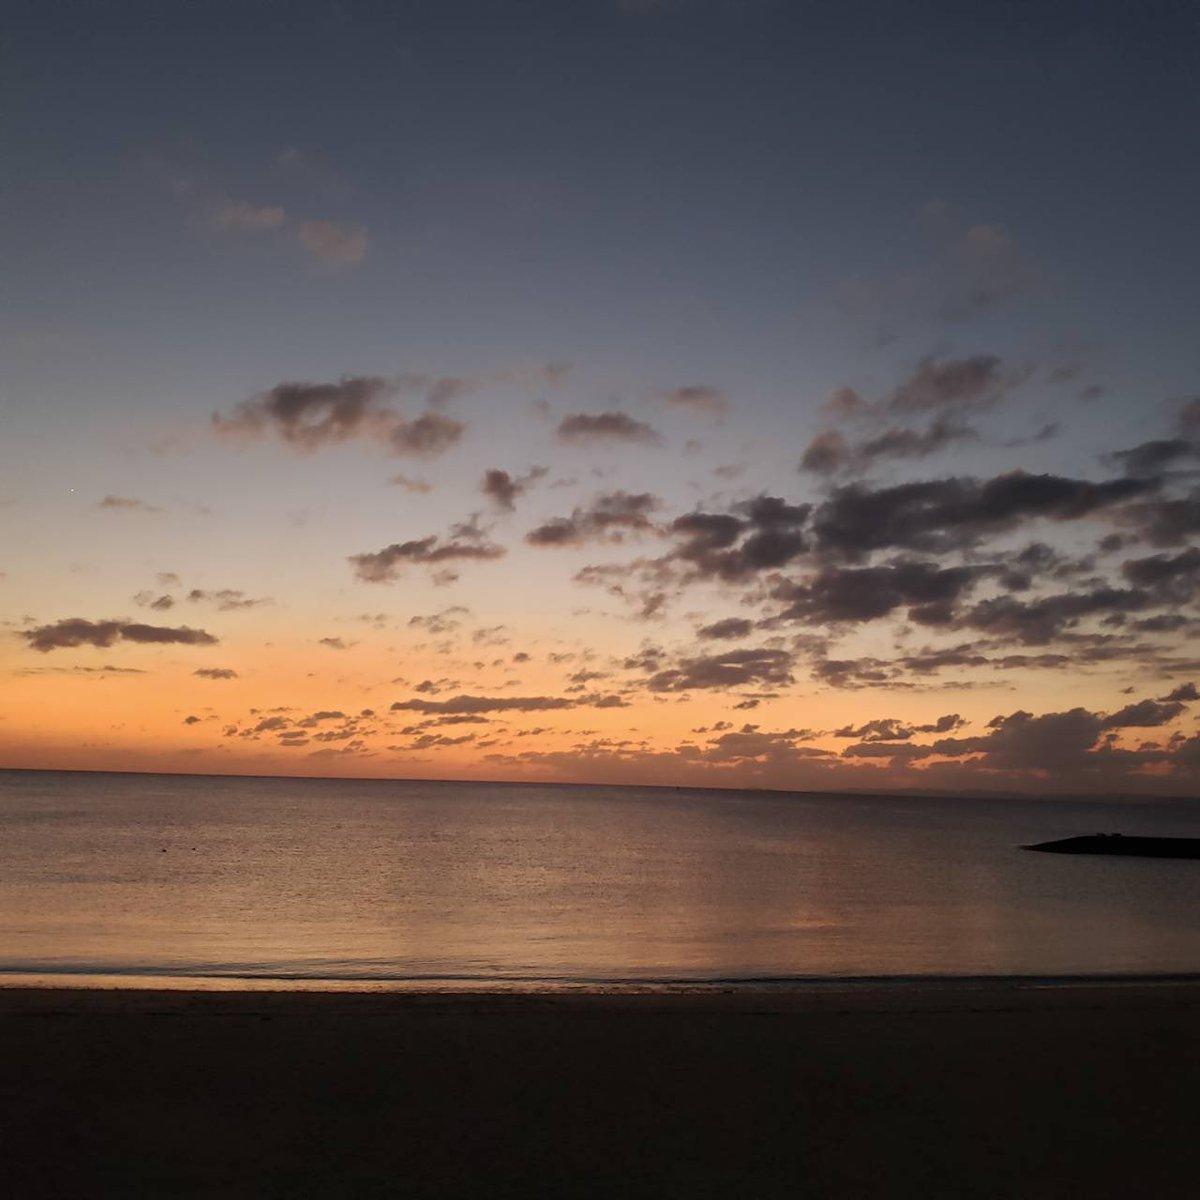 王様ジャングル EX17 in沖縄しゅうごさんと地元沖縄でイベントが出来たこと、素敵なご縁に本当に感謝です。特別版王ジャンな今回、少しでも楽しんでいただけましたら幸いです!ご参加いただきました皆様、ありがとうございました!!#王ジャン